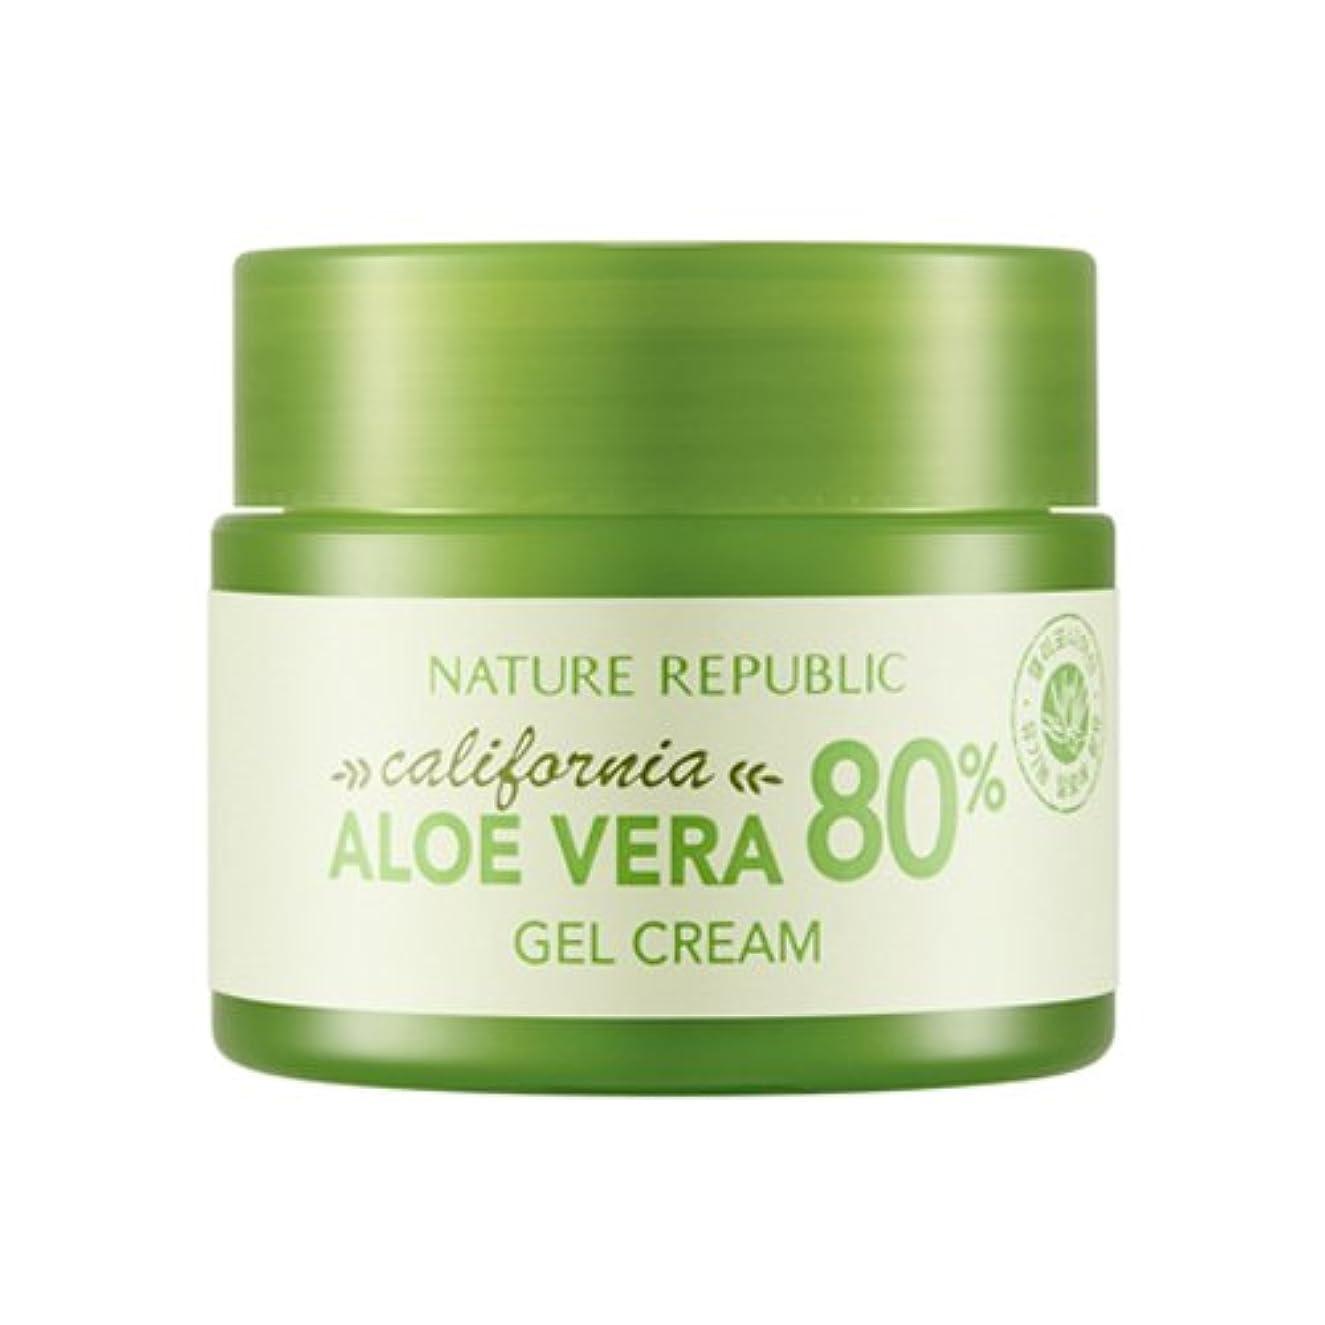 夕食を食べる幅死すべき[ネイチャーリパブリック] Nature Republic カリフォルニアアロエベラ80%のゲルクリーム California Aloe Vera 80% Gel Cream [並行輸入品]